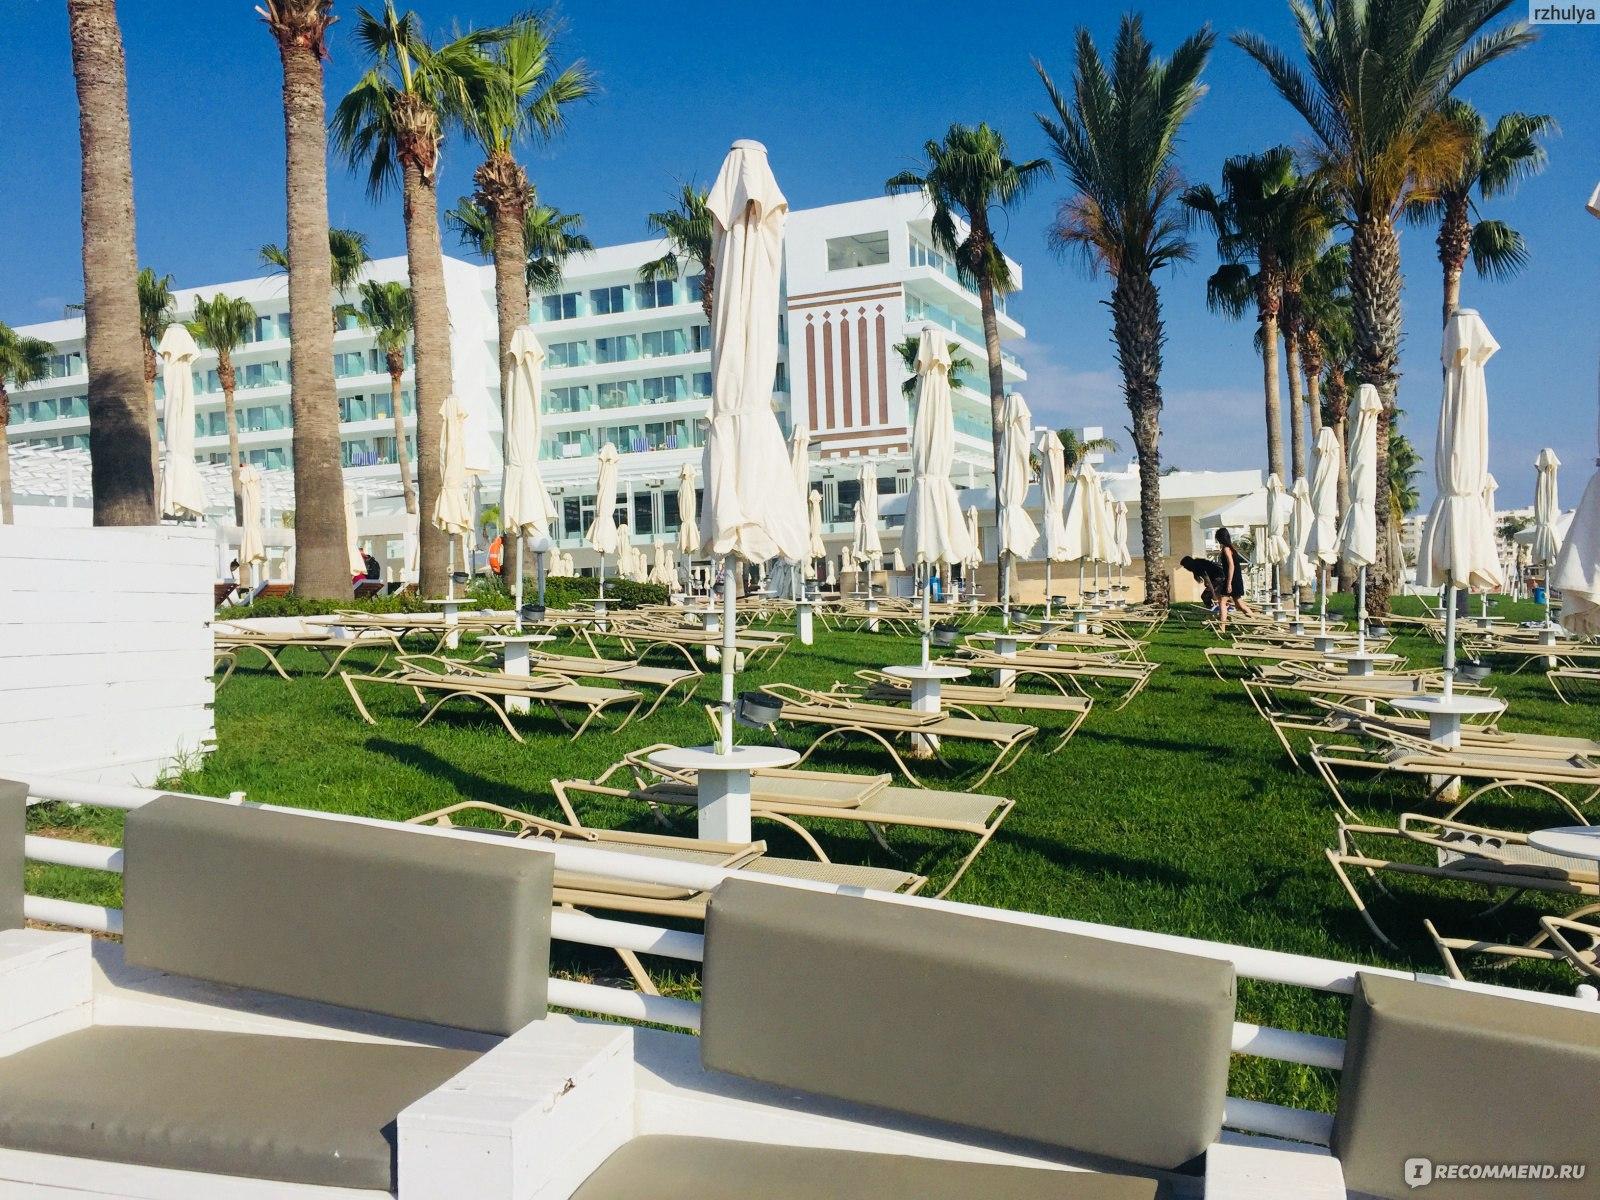 Кипр пляж нисси бич фото сооружен таким